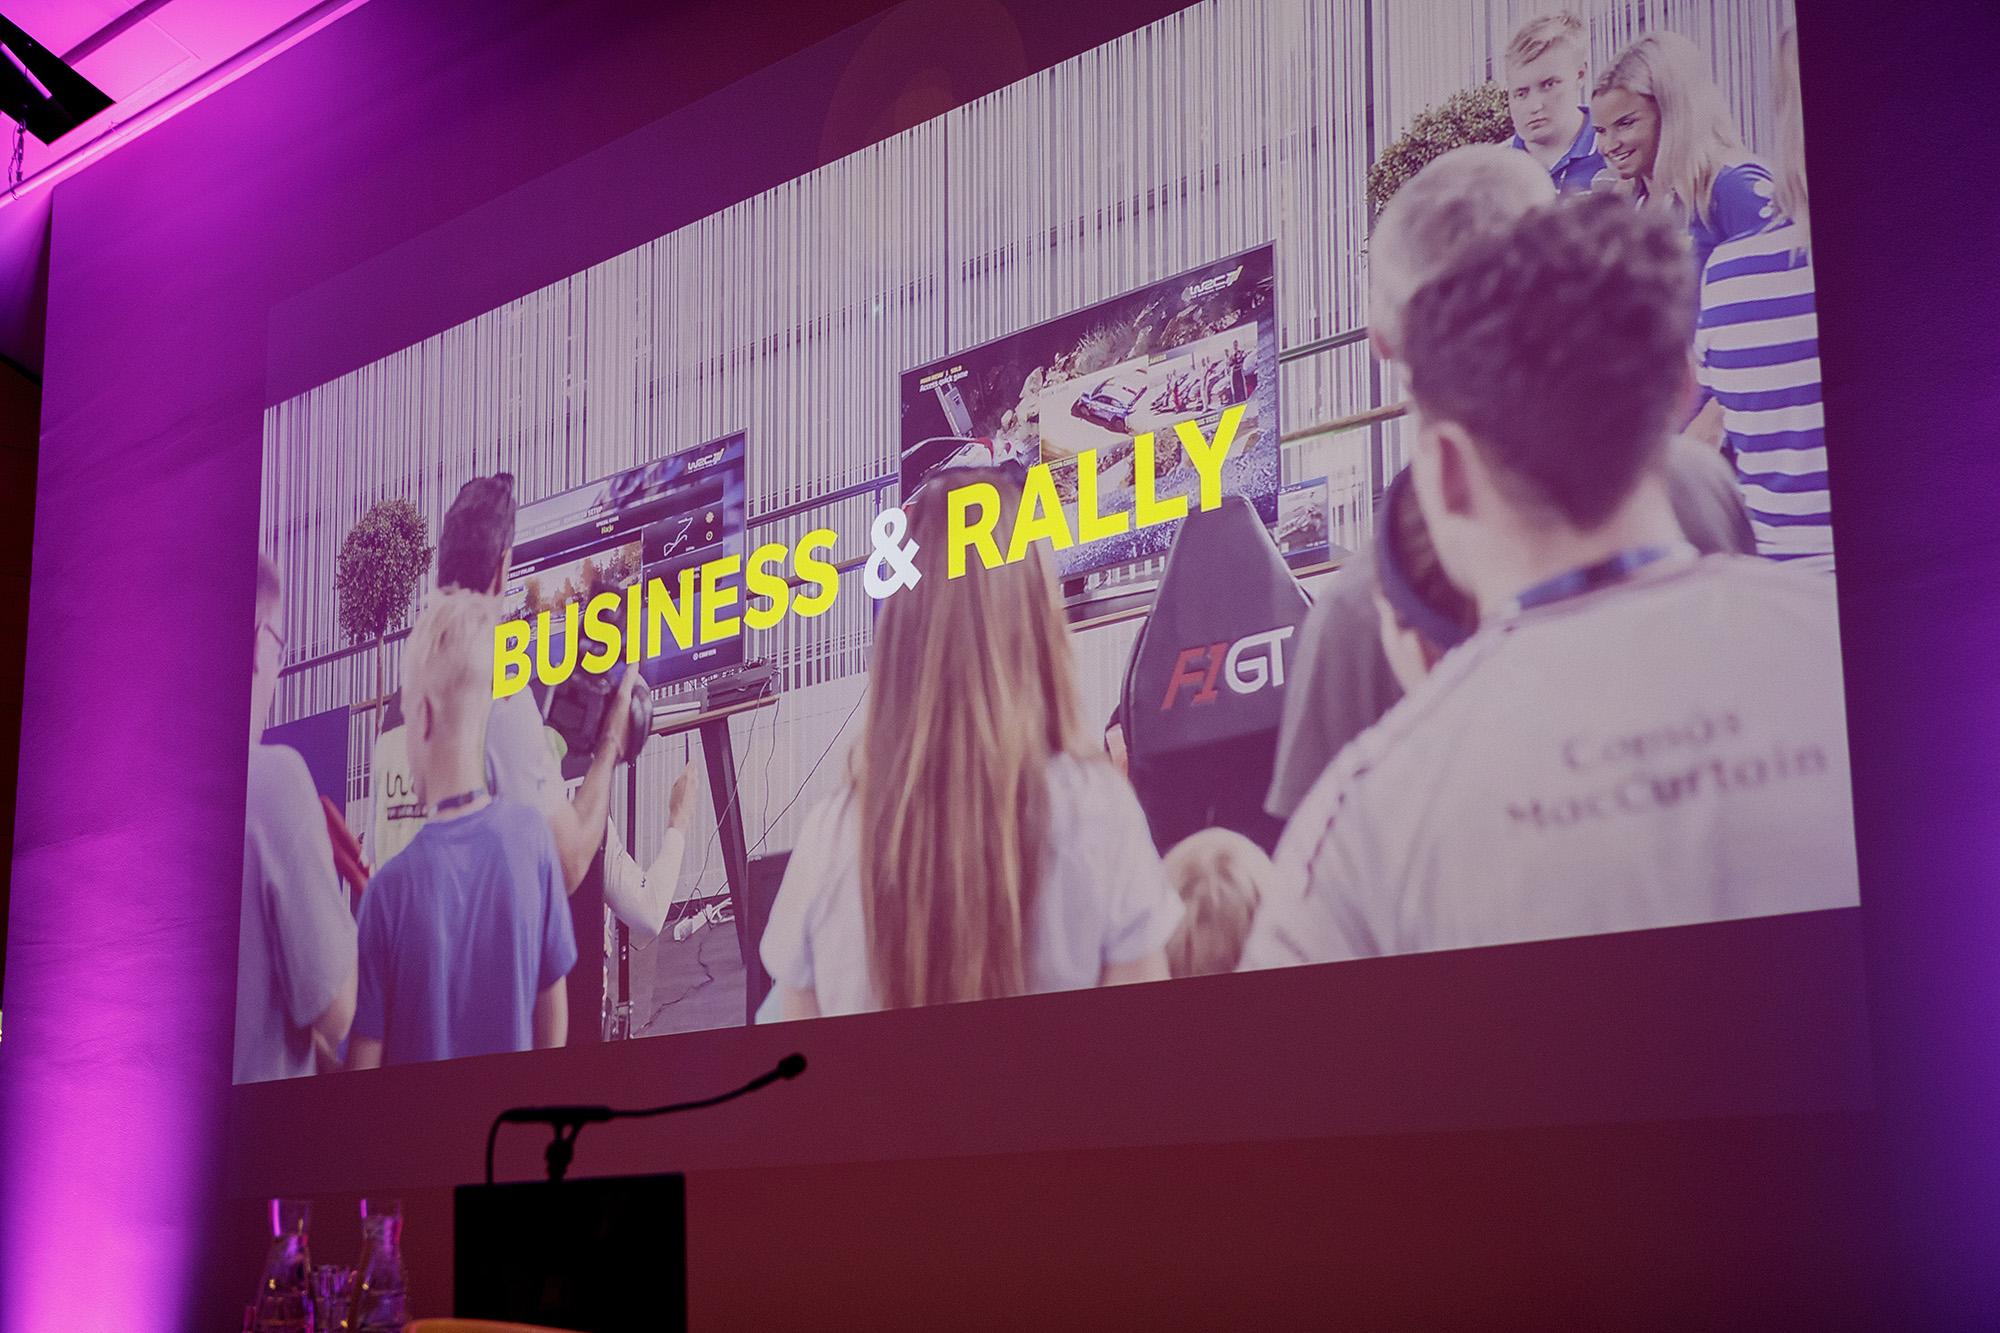 Jyväskylä Business Rally tuo kansainvälisiä sijoittajia ja suomalaisia yrityselämän vaikuttajia sekä päättäjiä Jyväskylään 1.-2.10.